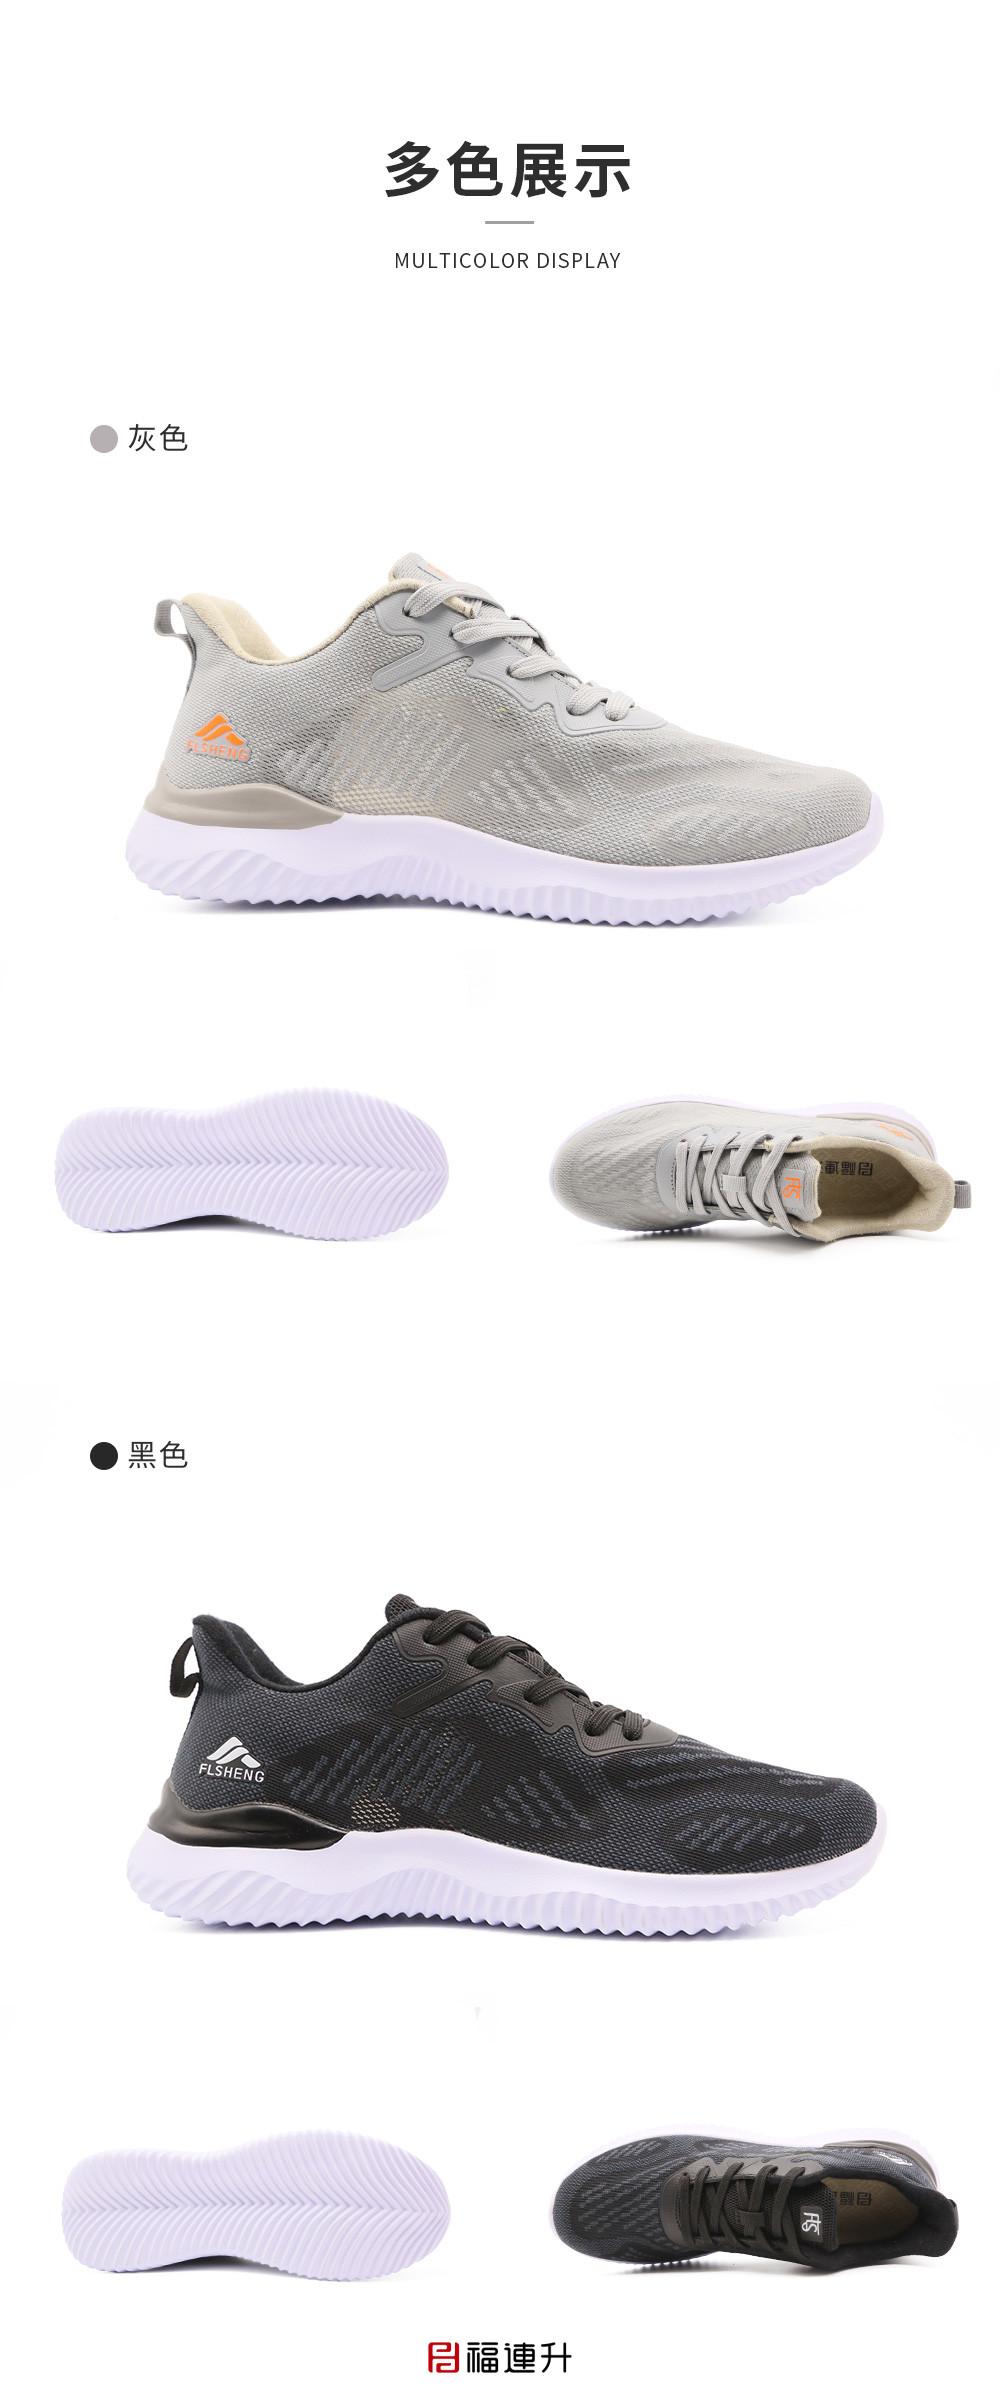 福连升夏运动休闲鞋 轻纱工艺透气轻便男士凉鞋图片